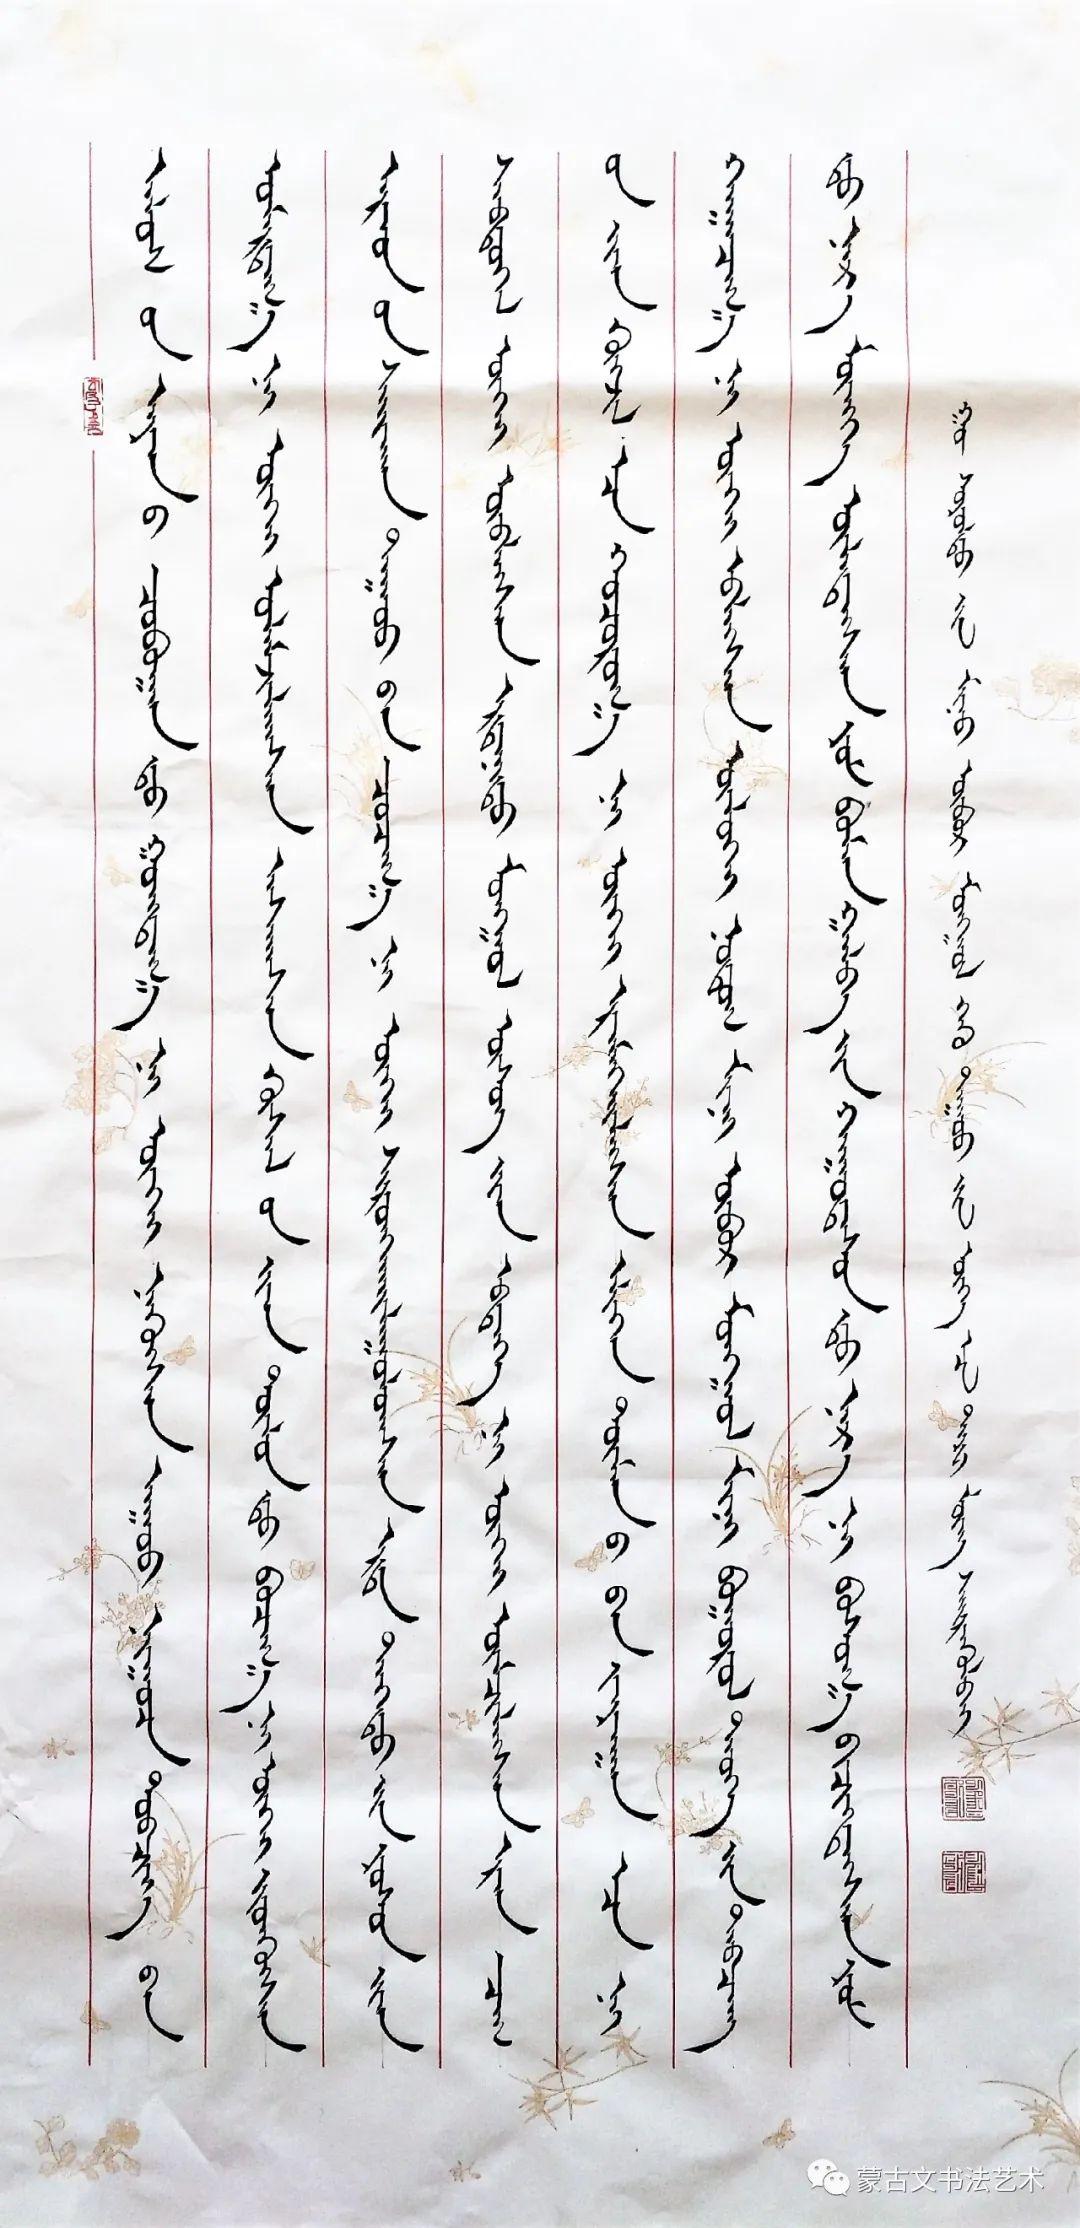 铁龙蒙古文书法 第8张 铁龙蒙古文书法 蒙古书法